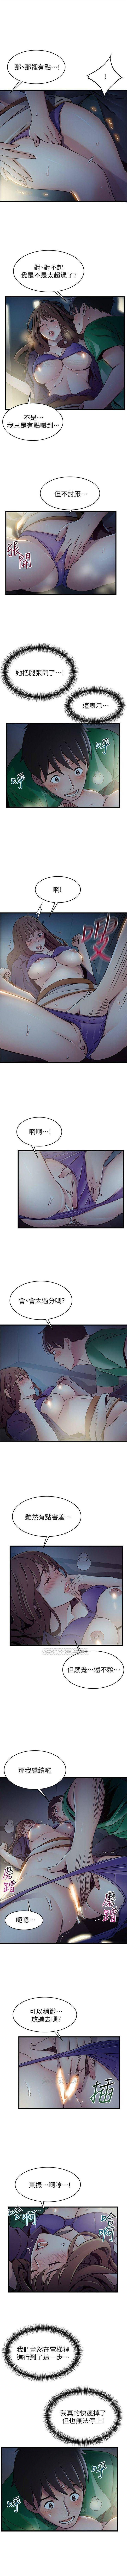 (週7)弱點 1-76 中文翻譯(更新中) 386